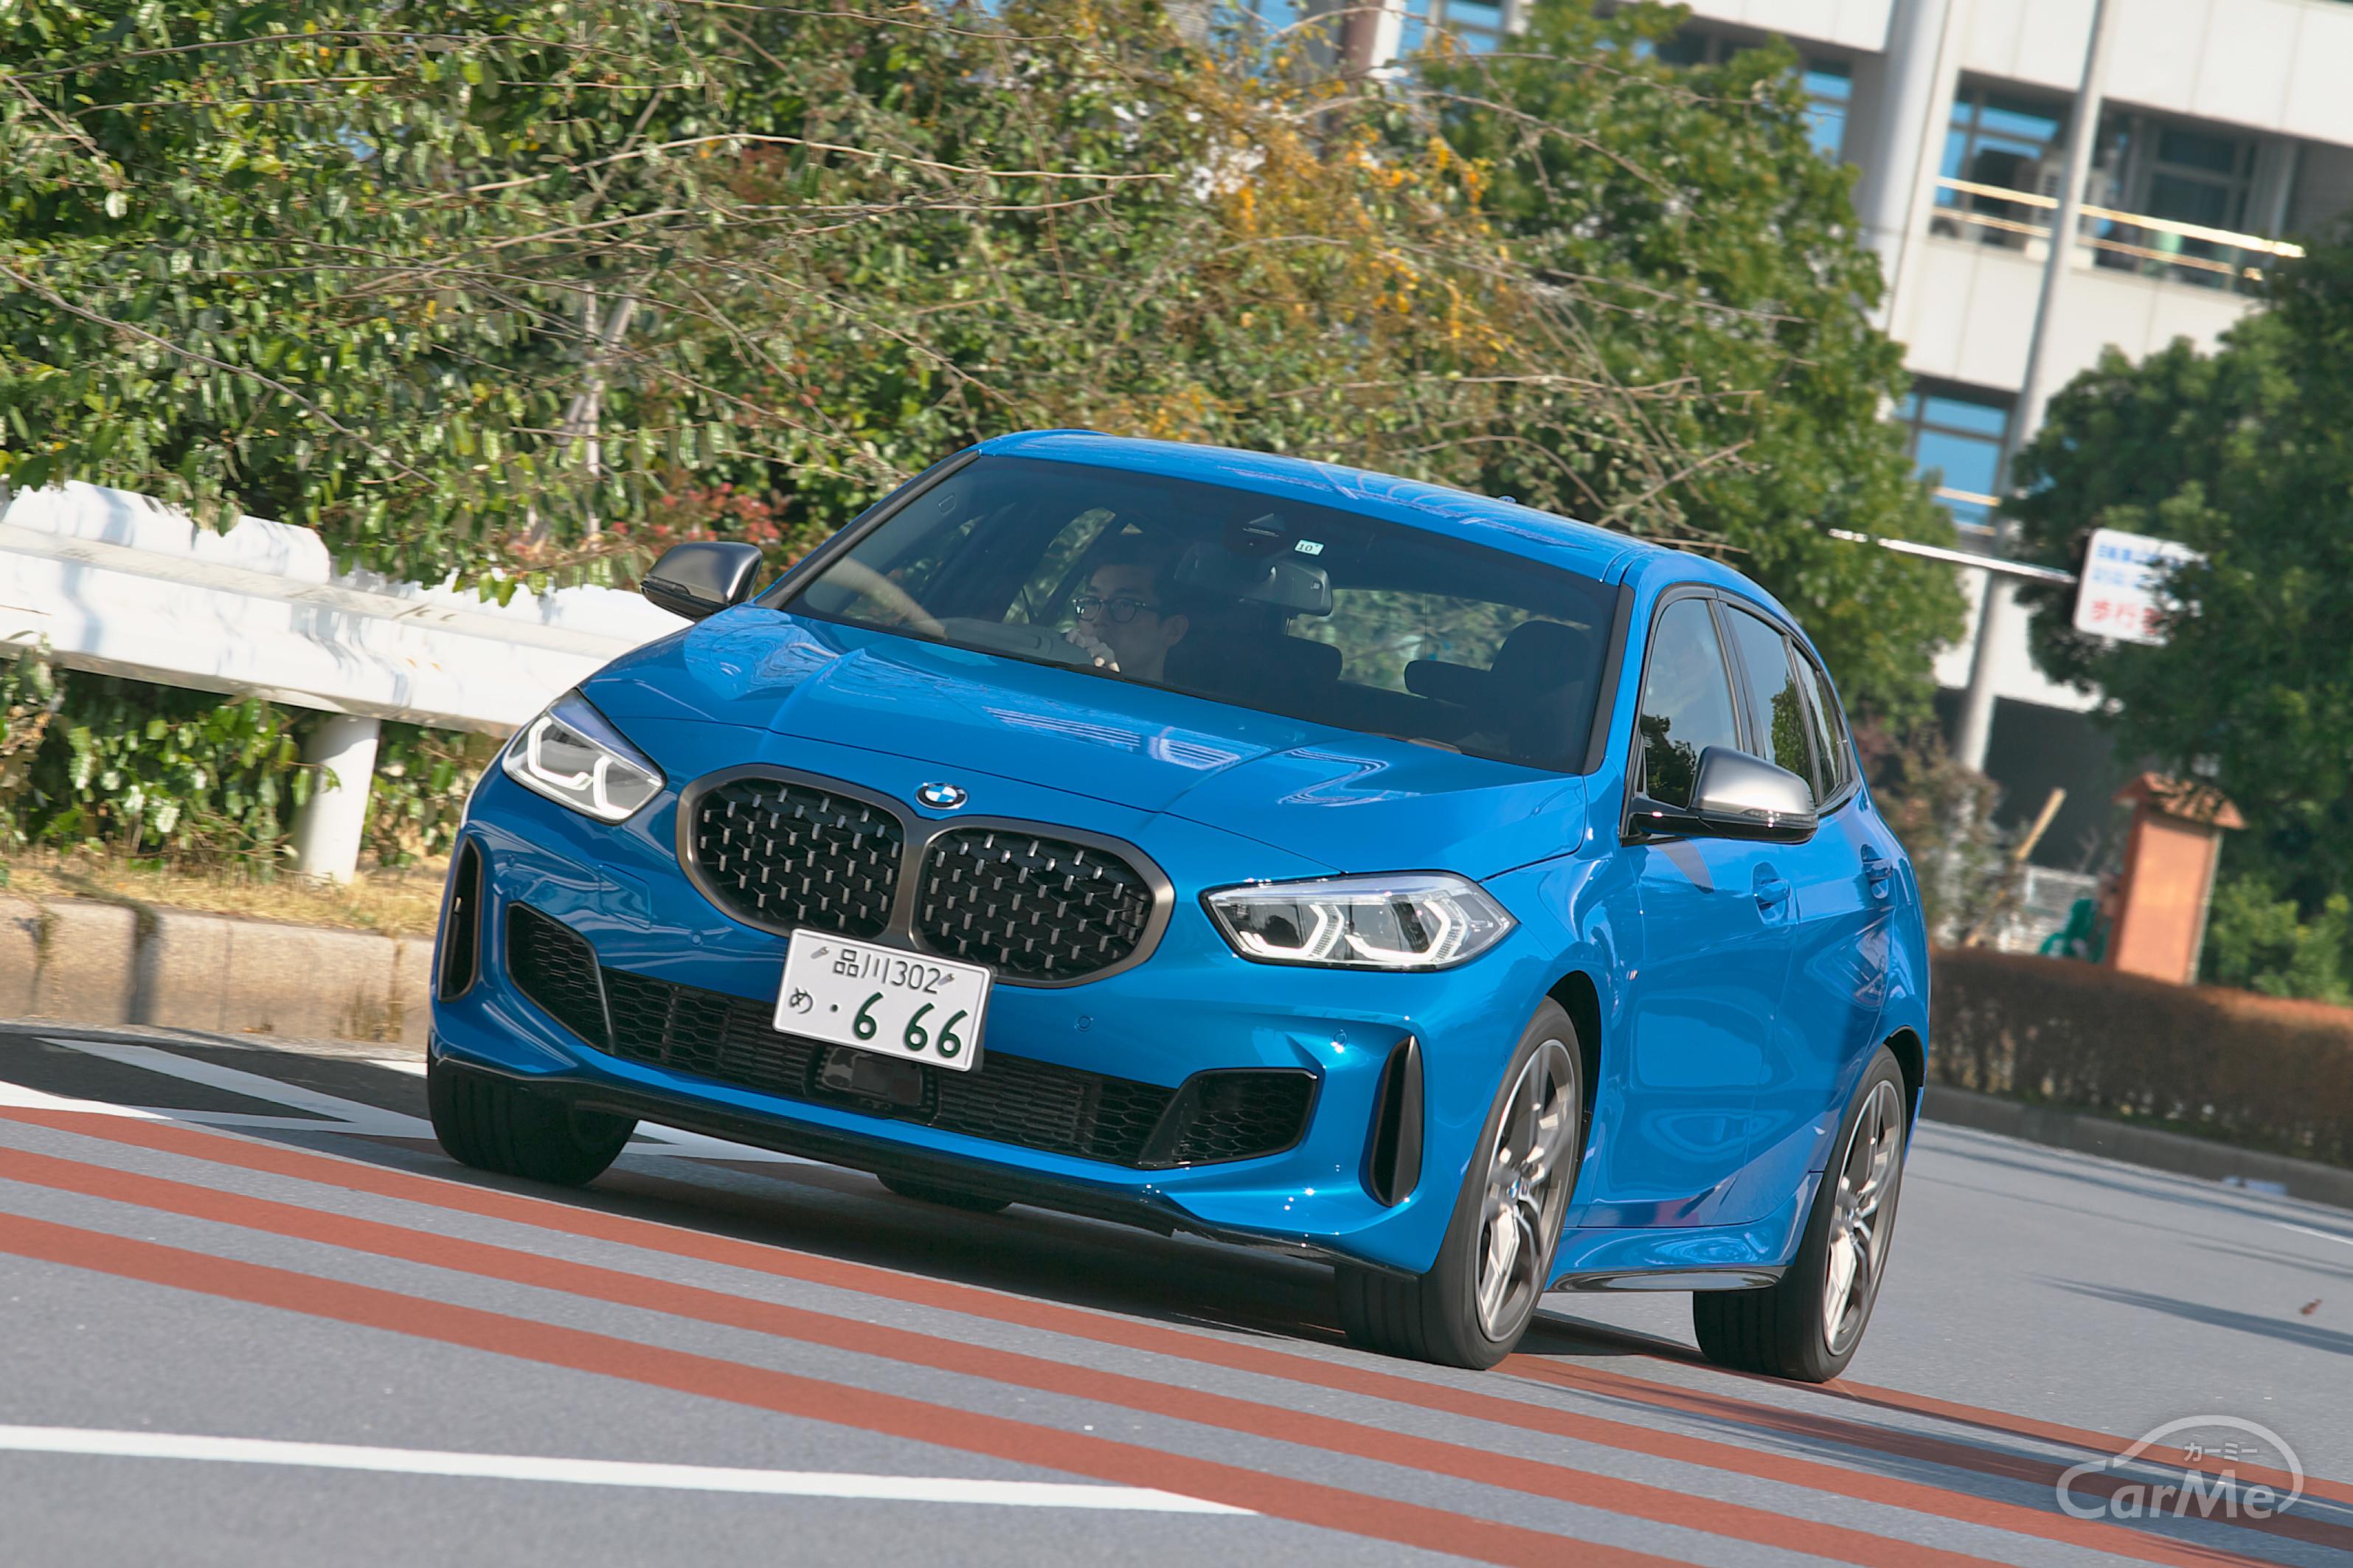 【プロ徹底解説】BMW 新型1シリーズはアンダー知らず?ARBなど新しいシステムやエンジンに迫る